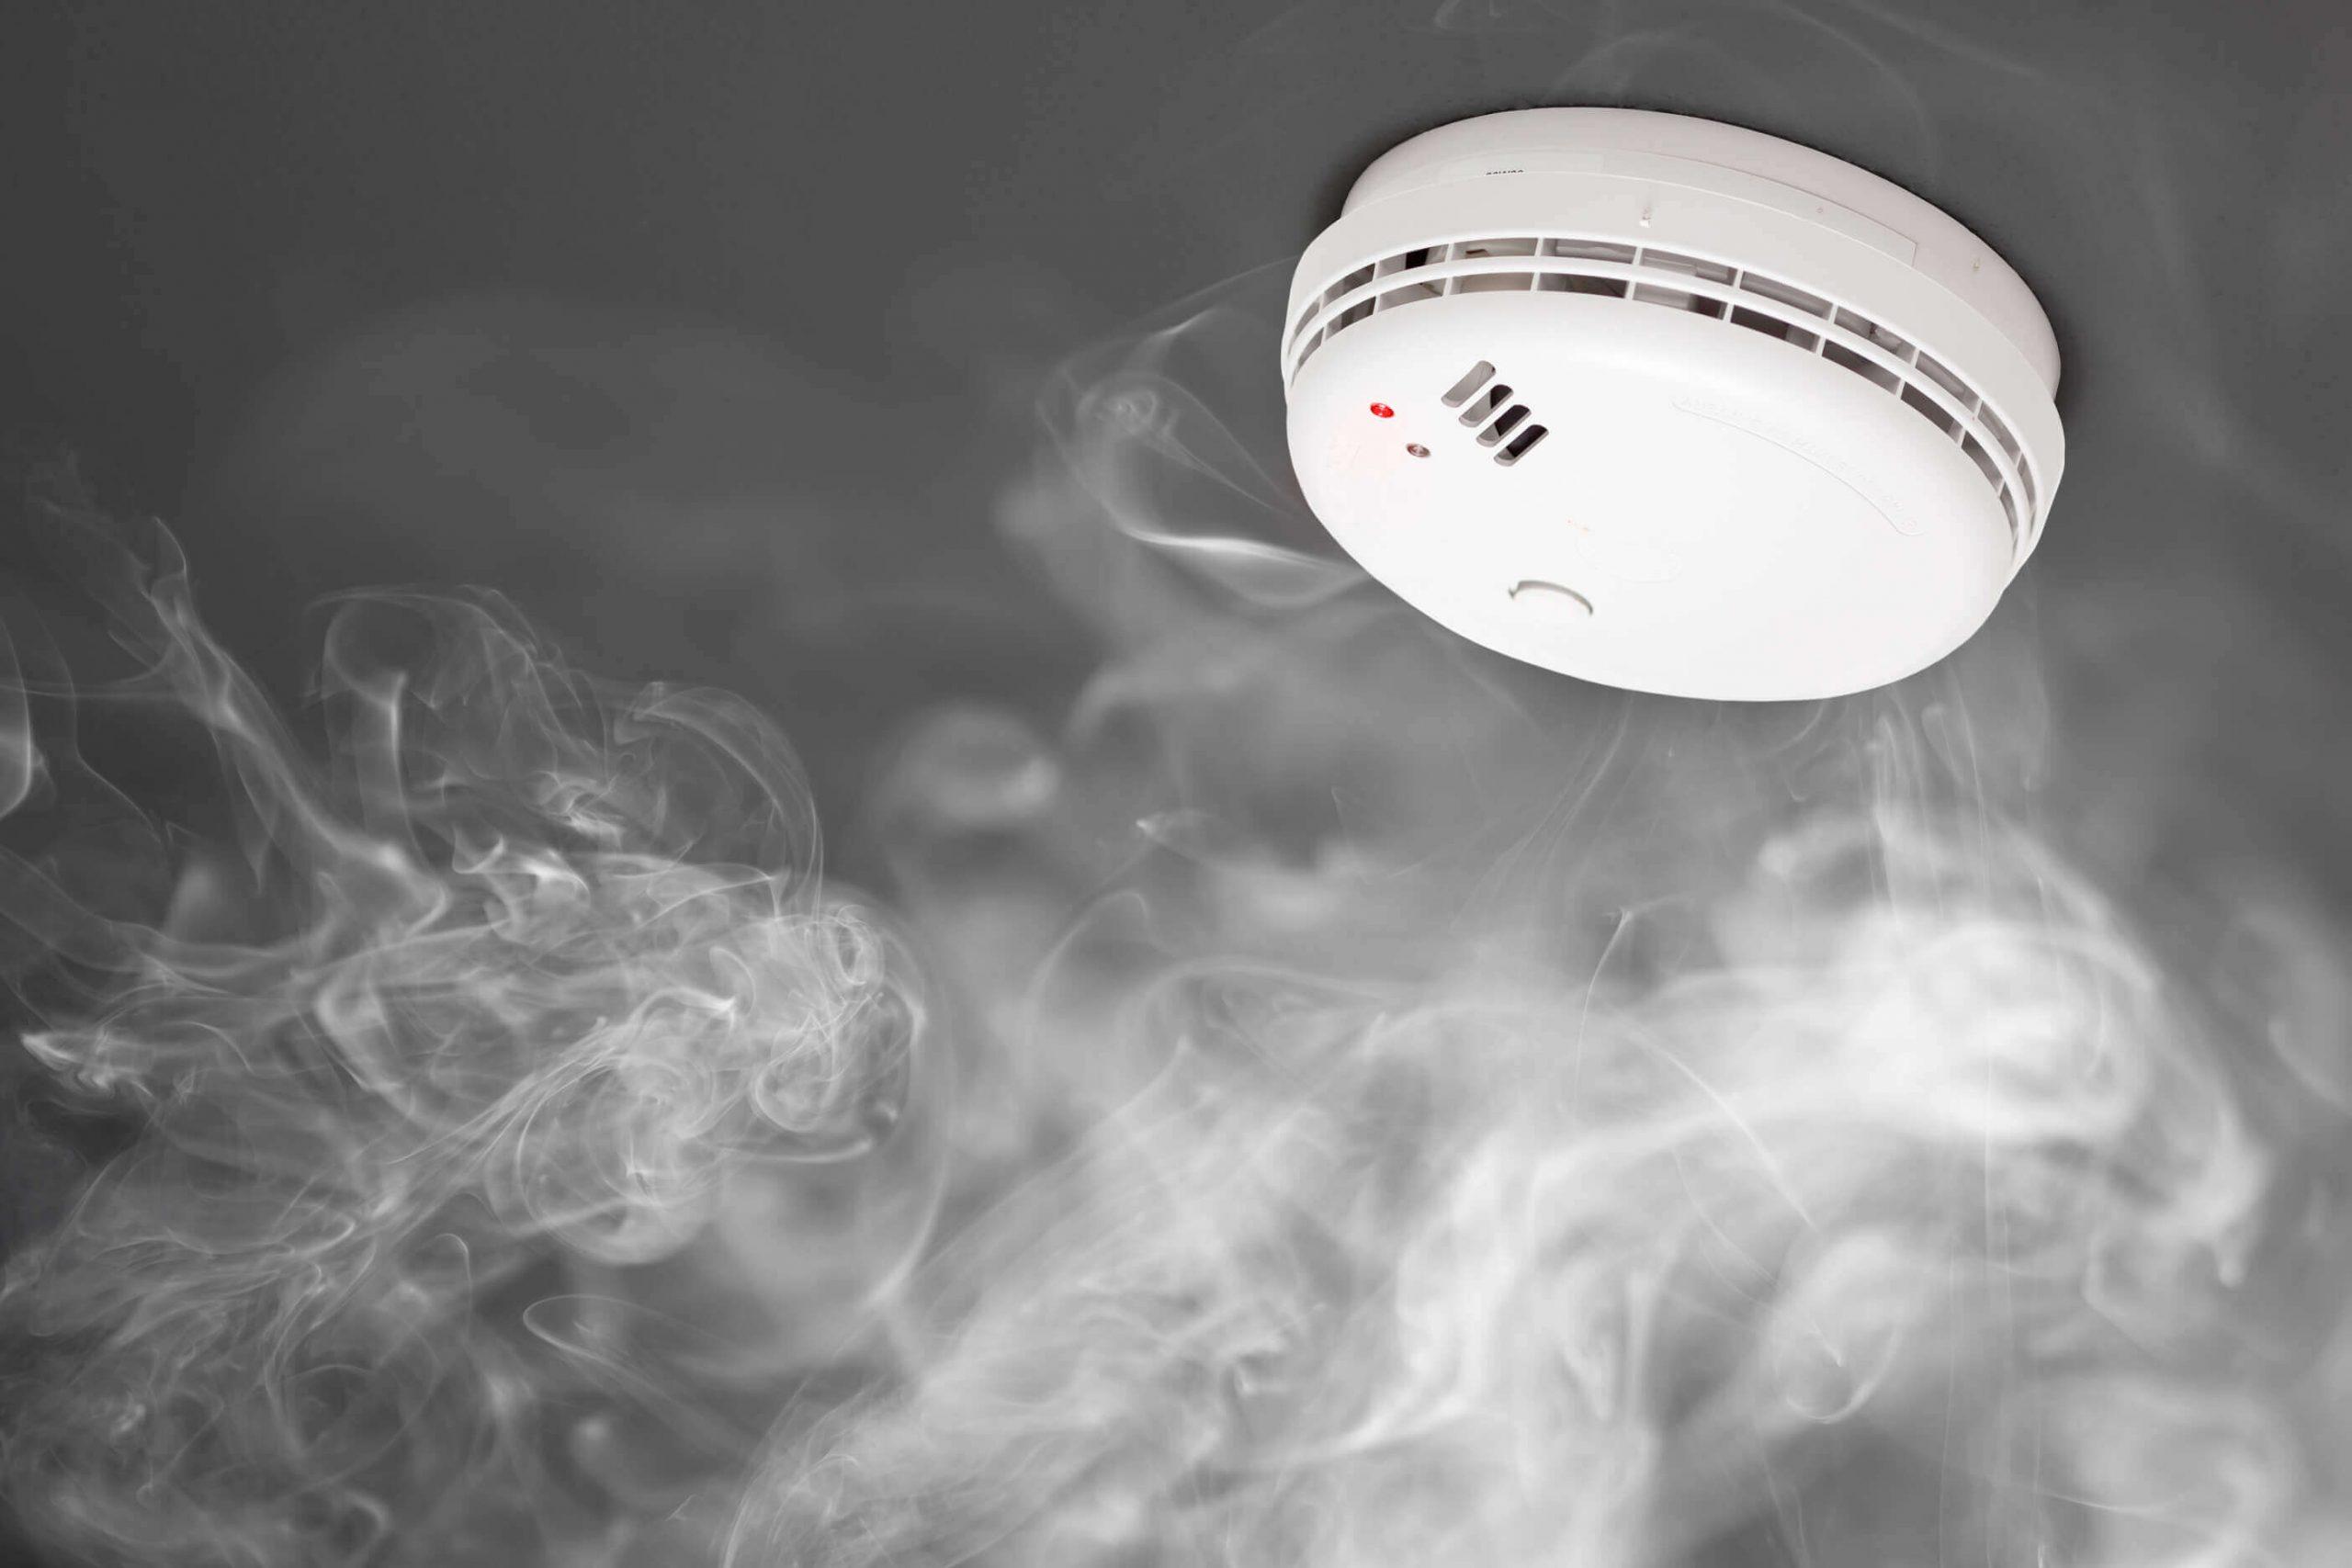 4 Vital Smoke Alarm Safety Tips